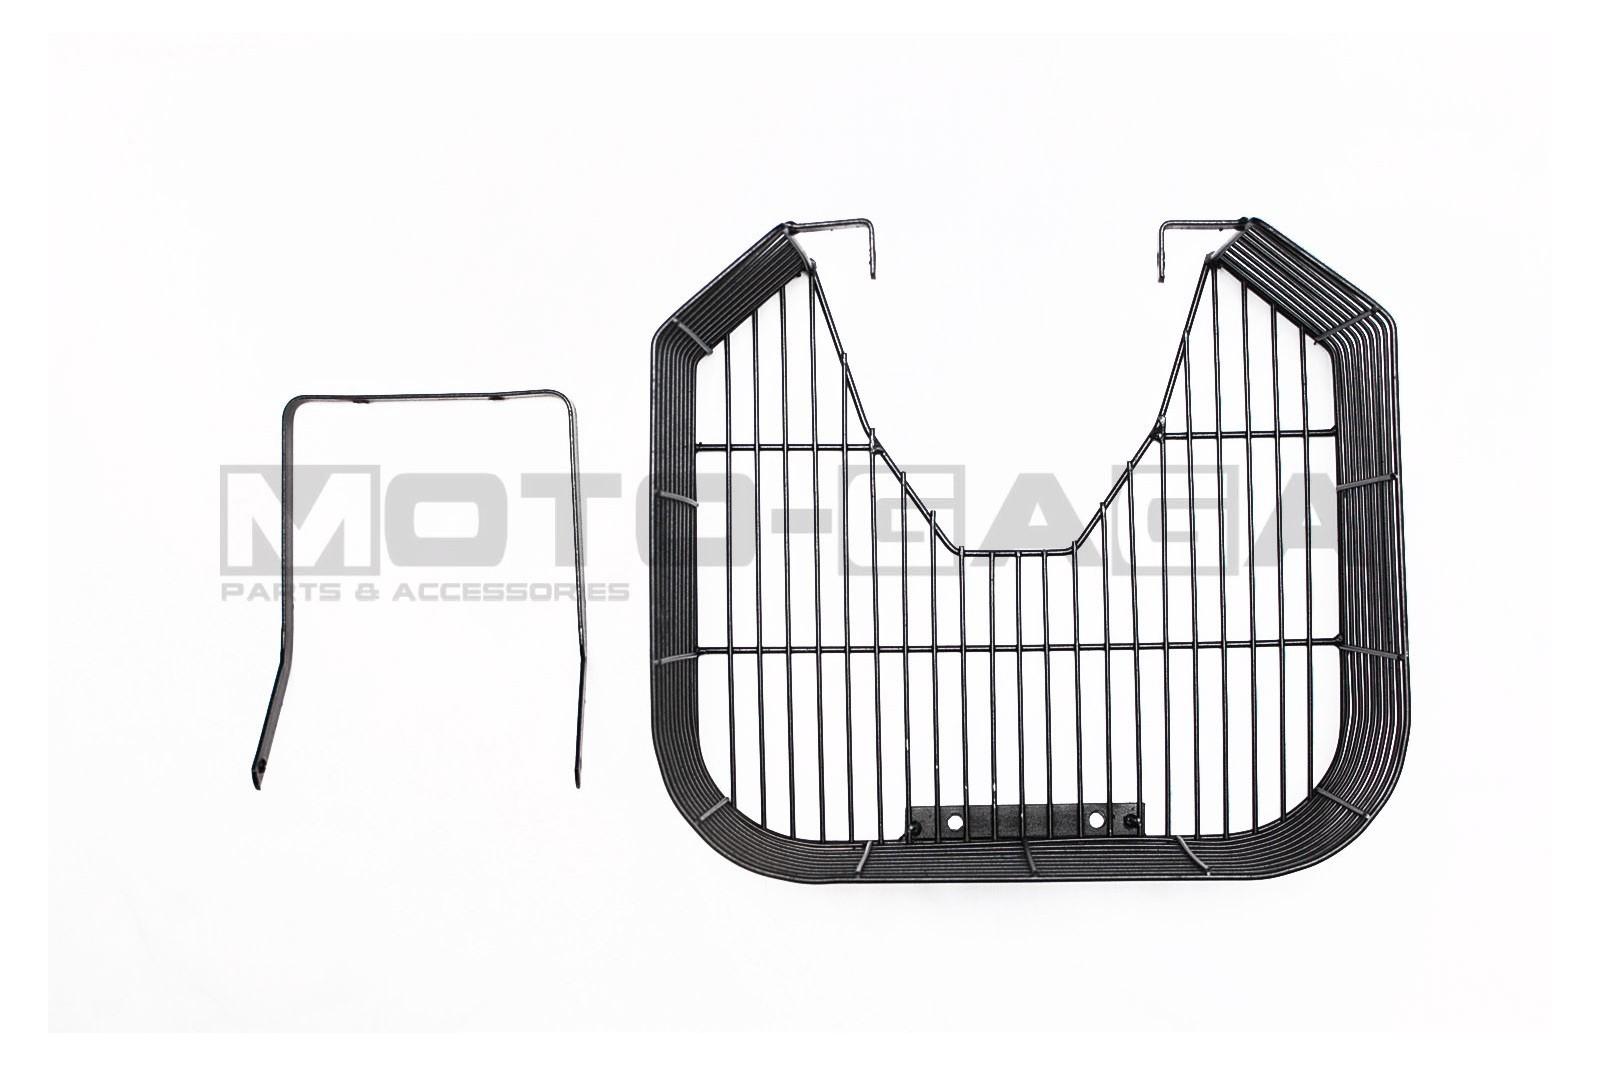 Honda Cub C50 C70 C90 Metal Leg Shield Luggage Basket